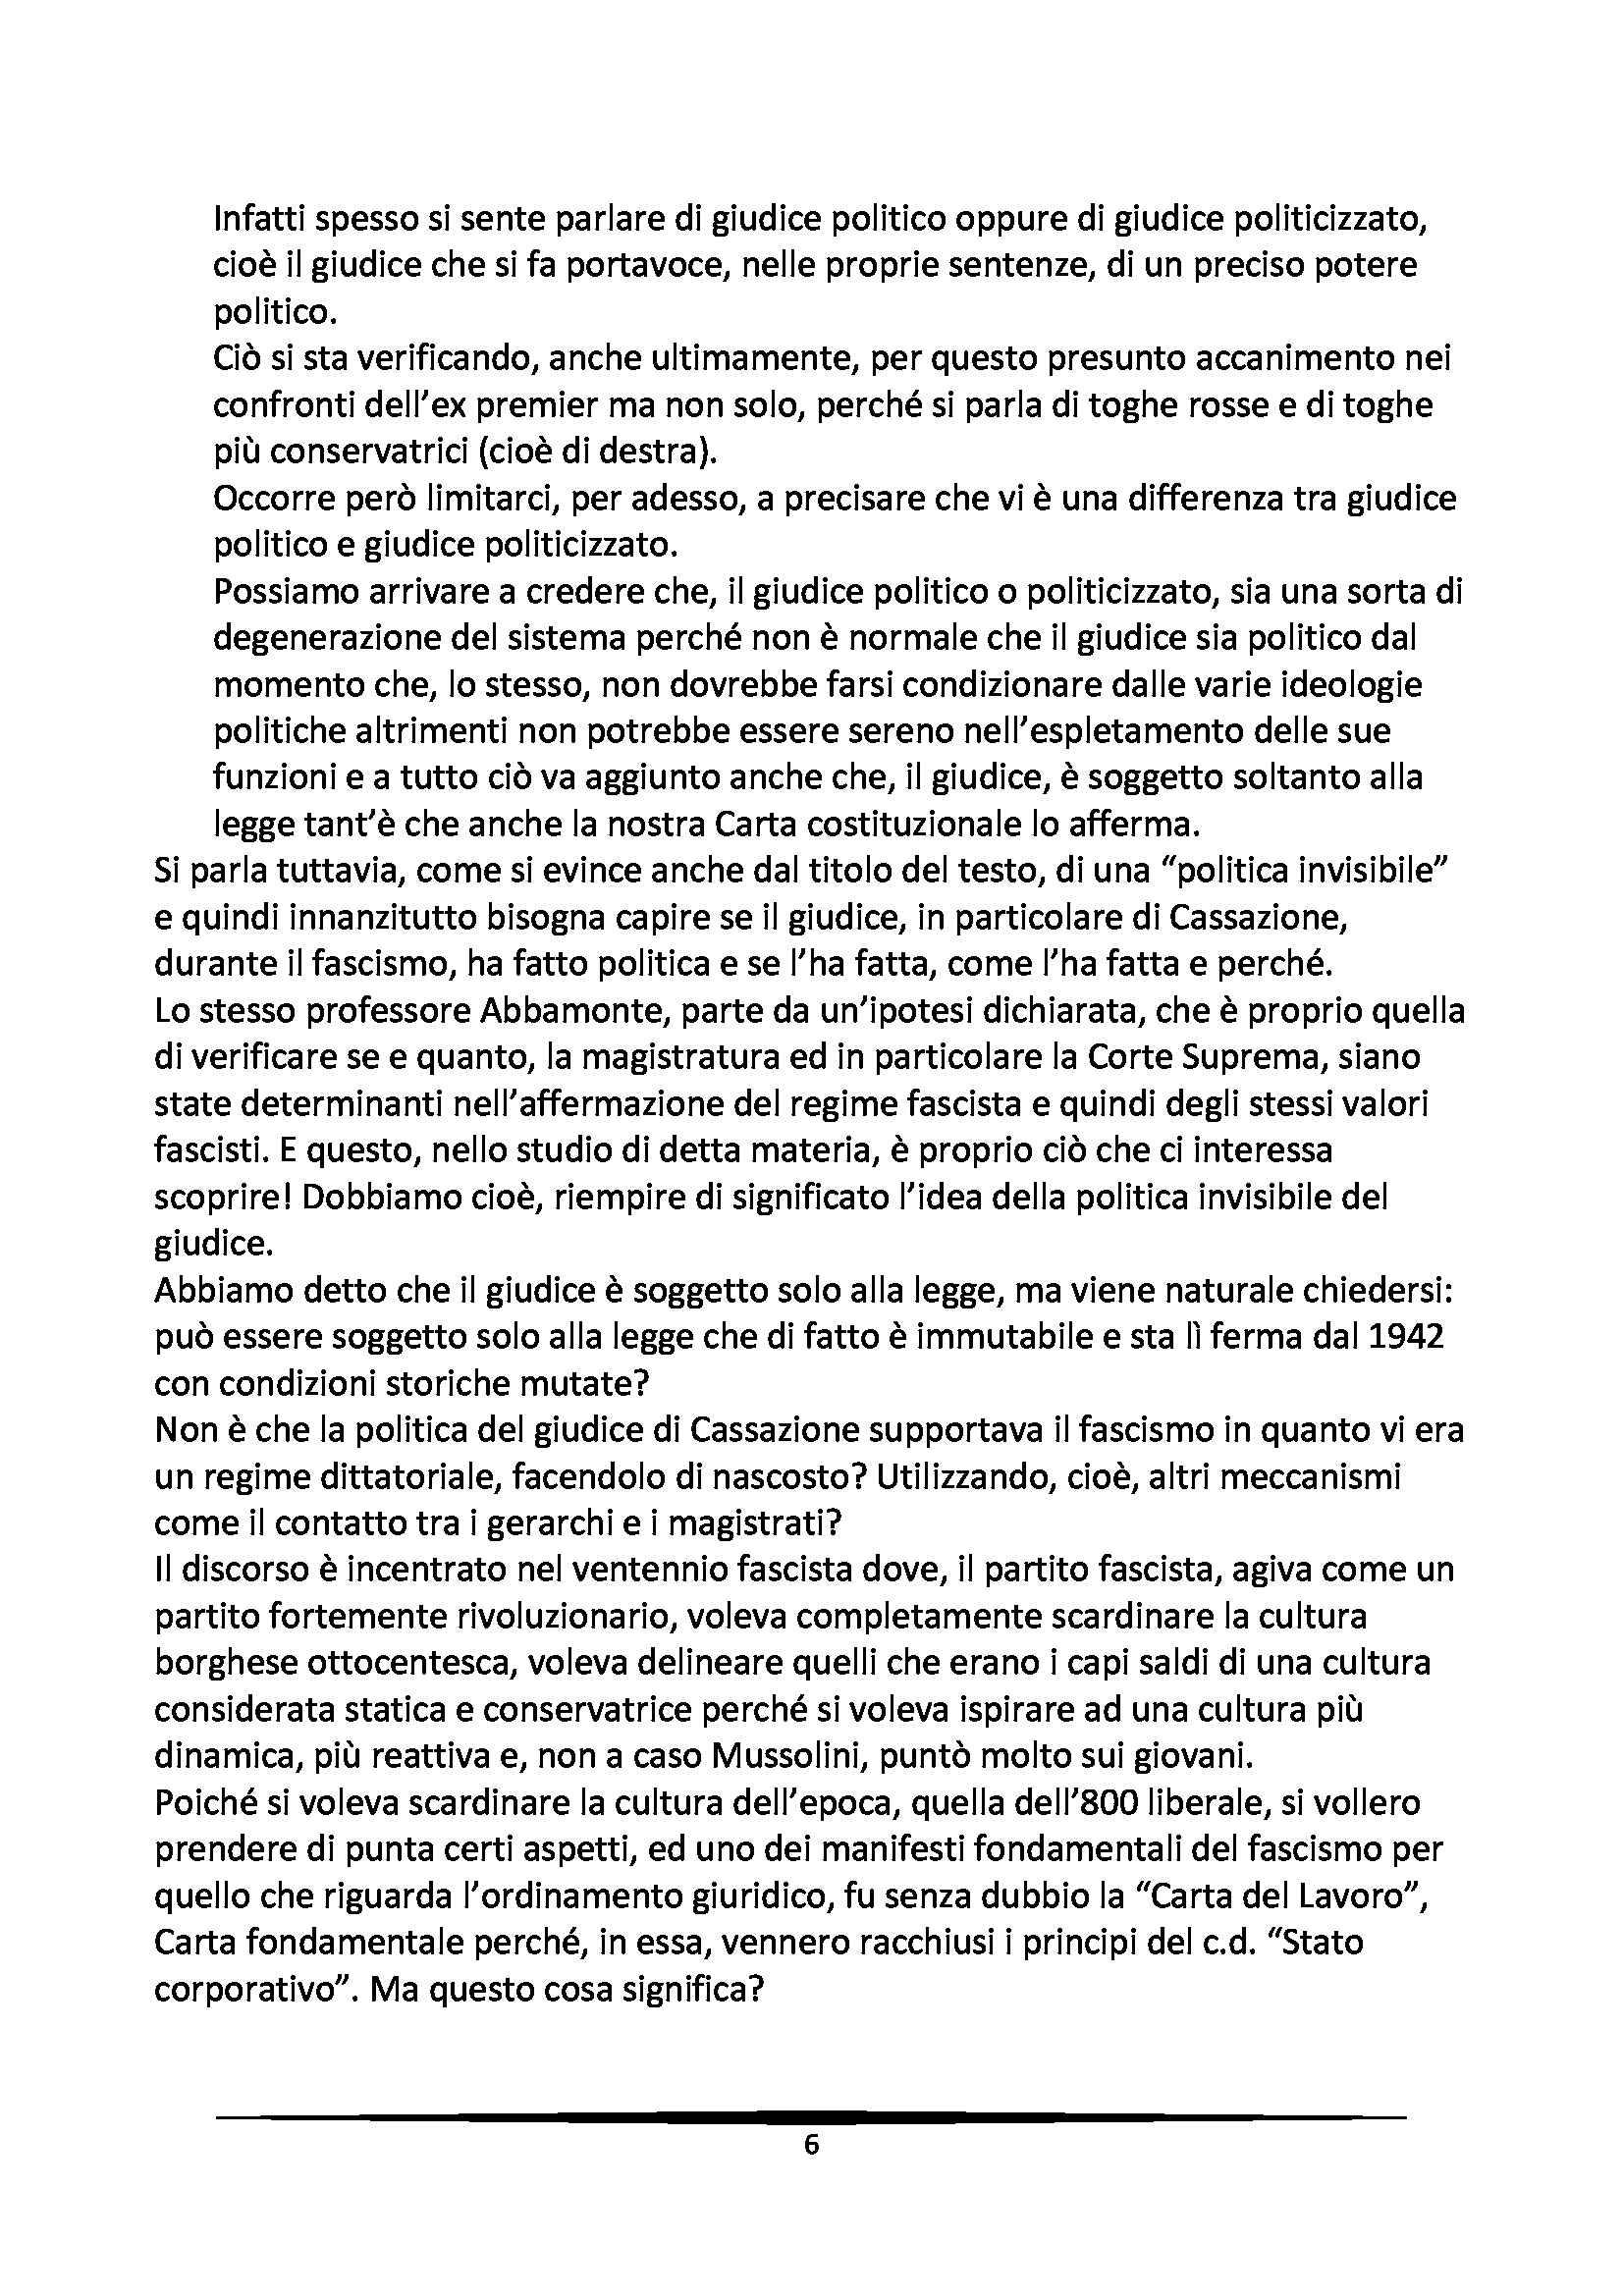 Storia della giustizia - Appunti Pag. 6